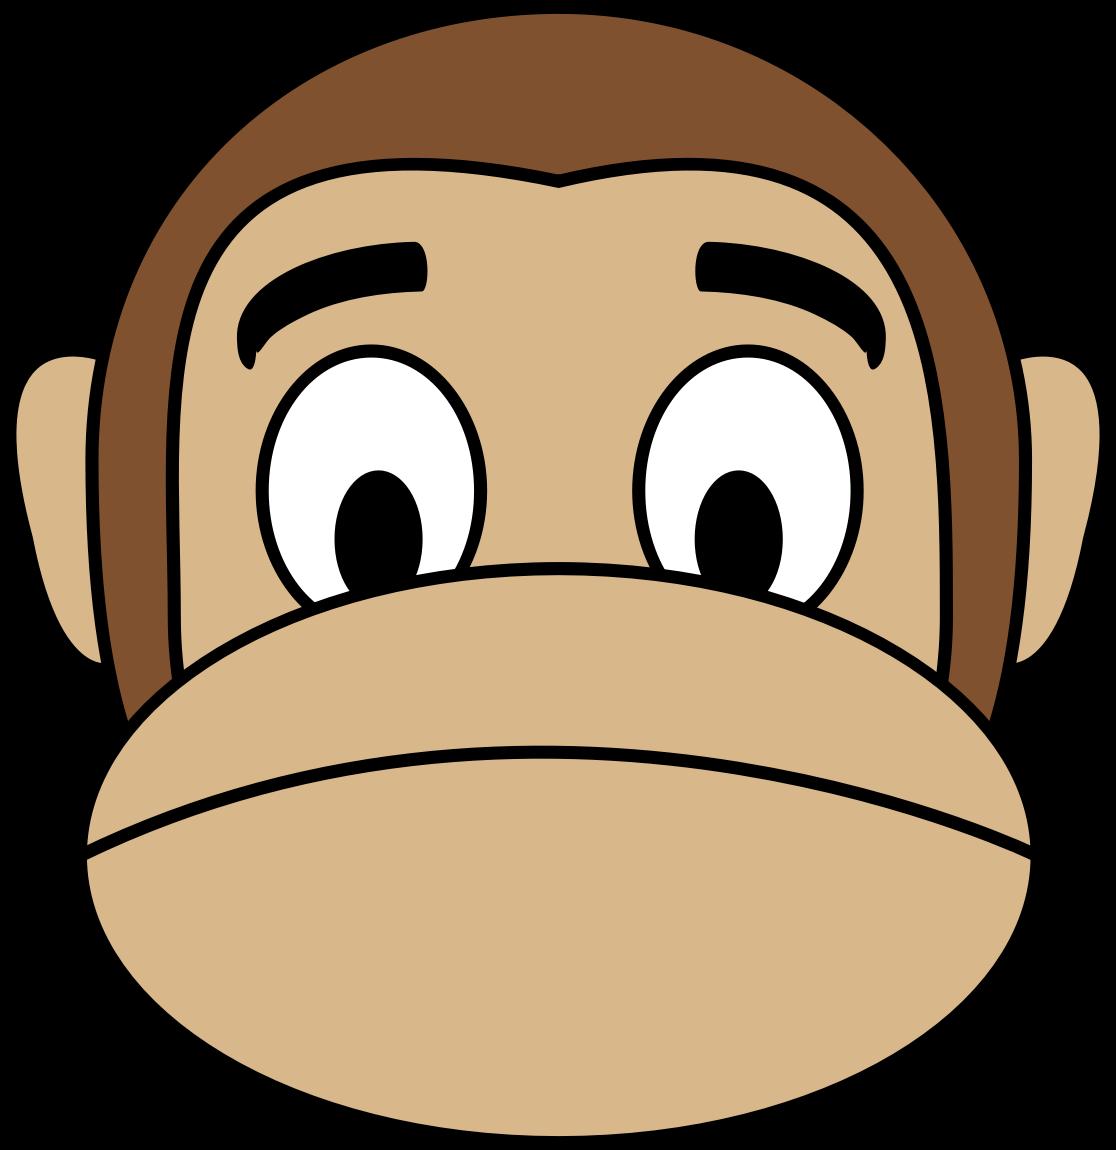 Emoji clipart sadness. Monkey sad big image